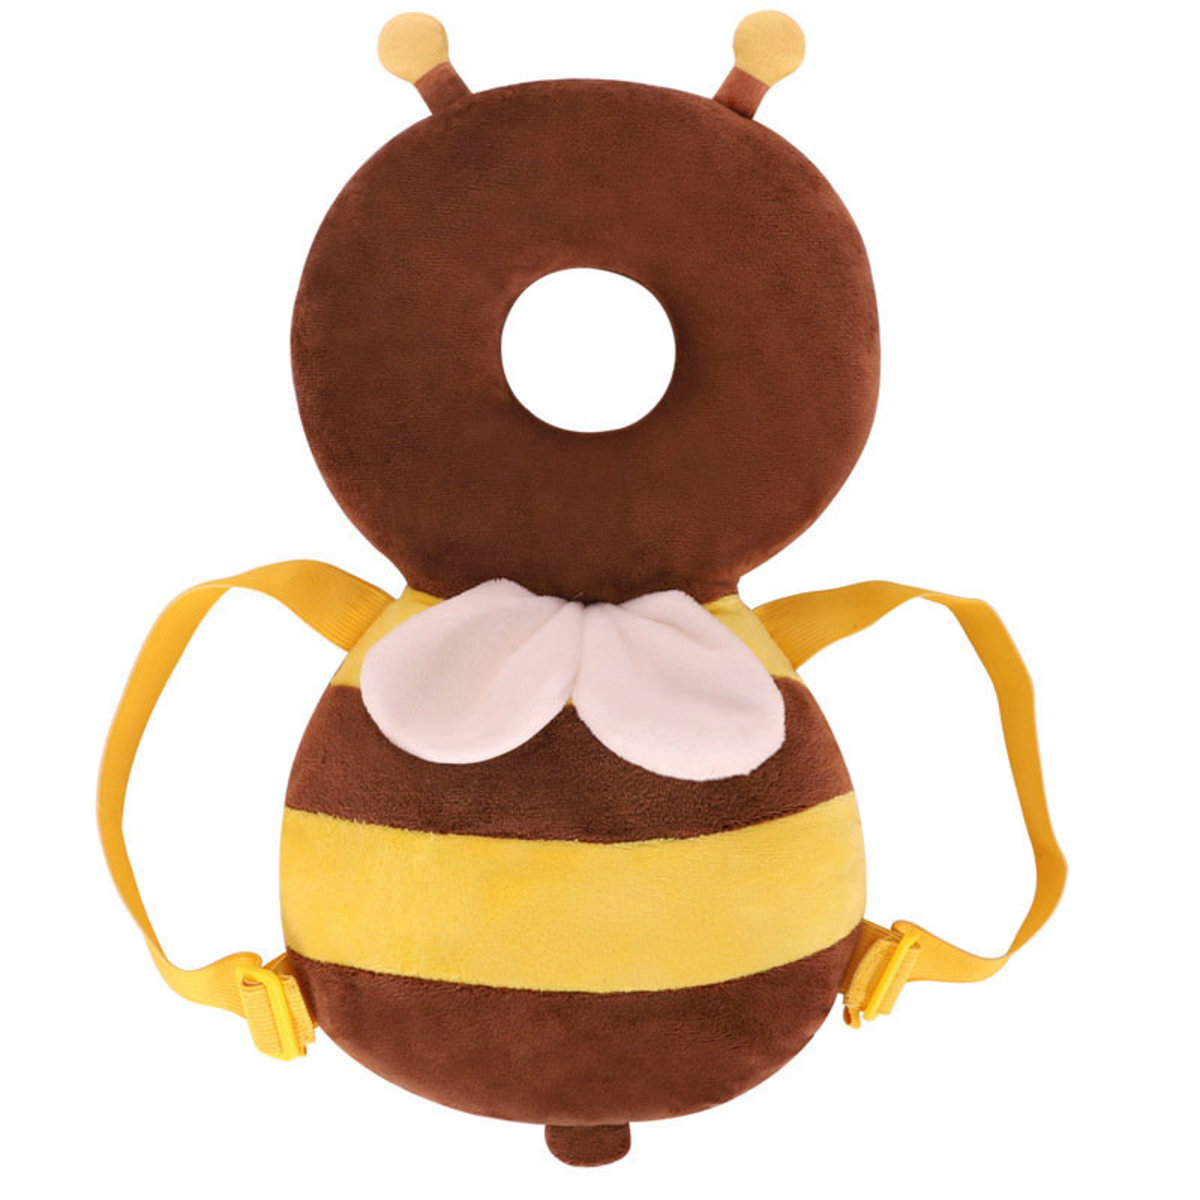 兒童防摔學步護頭枕-啡色蜜蜂